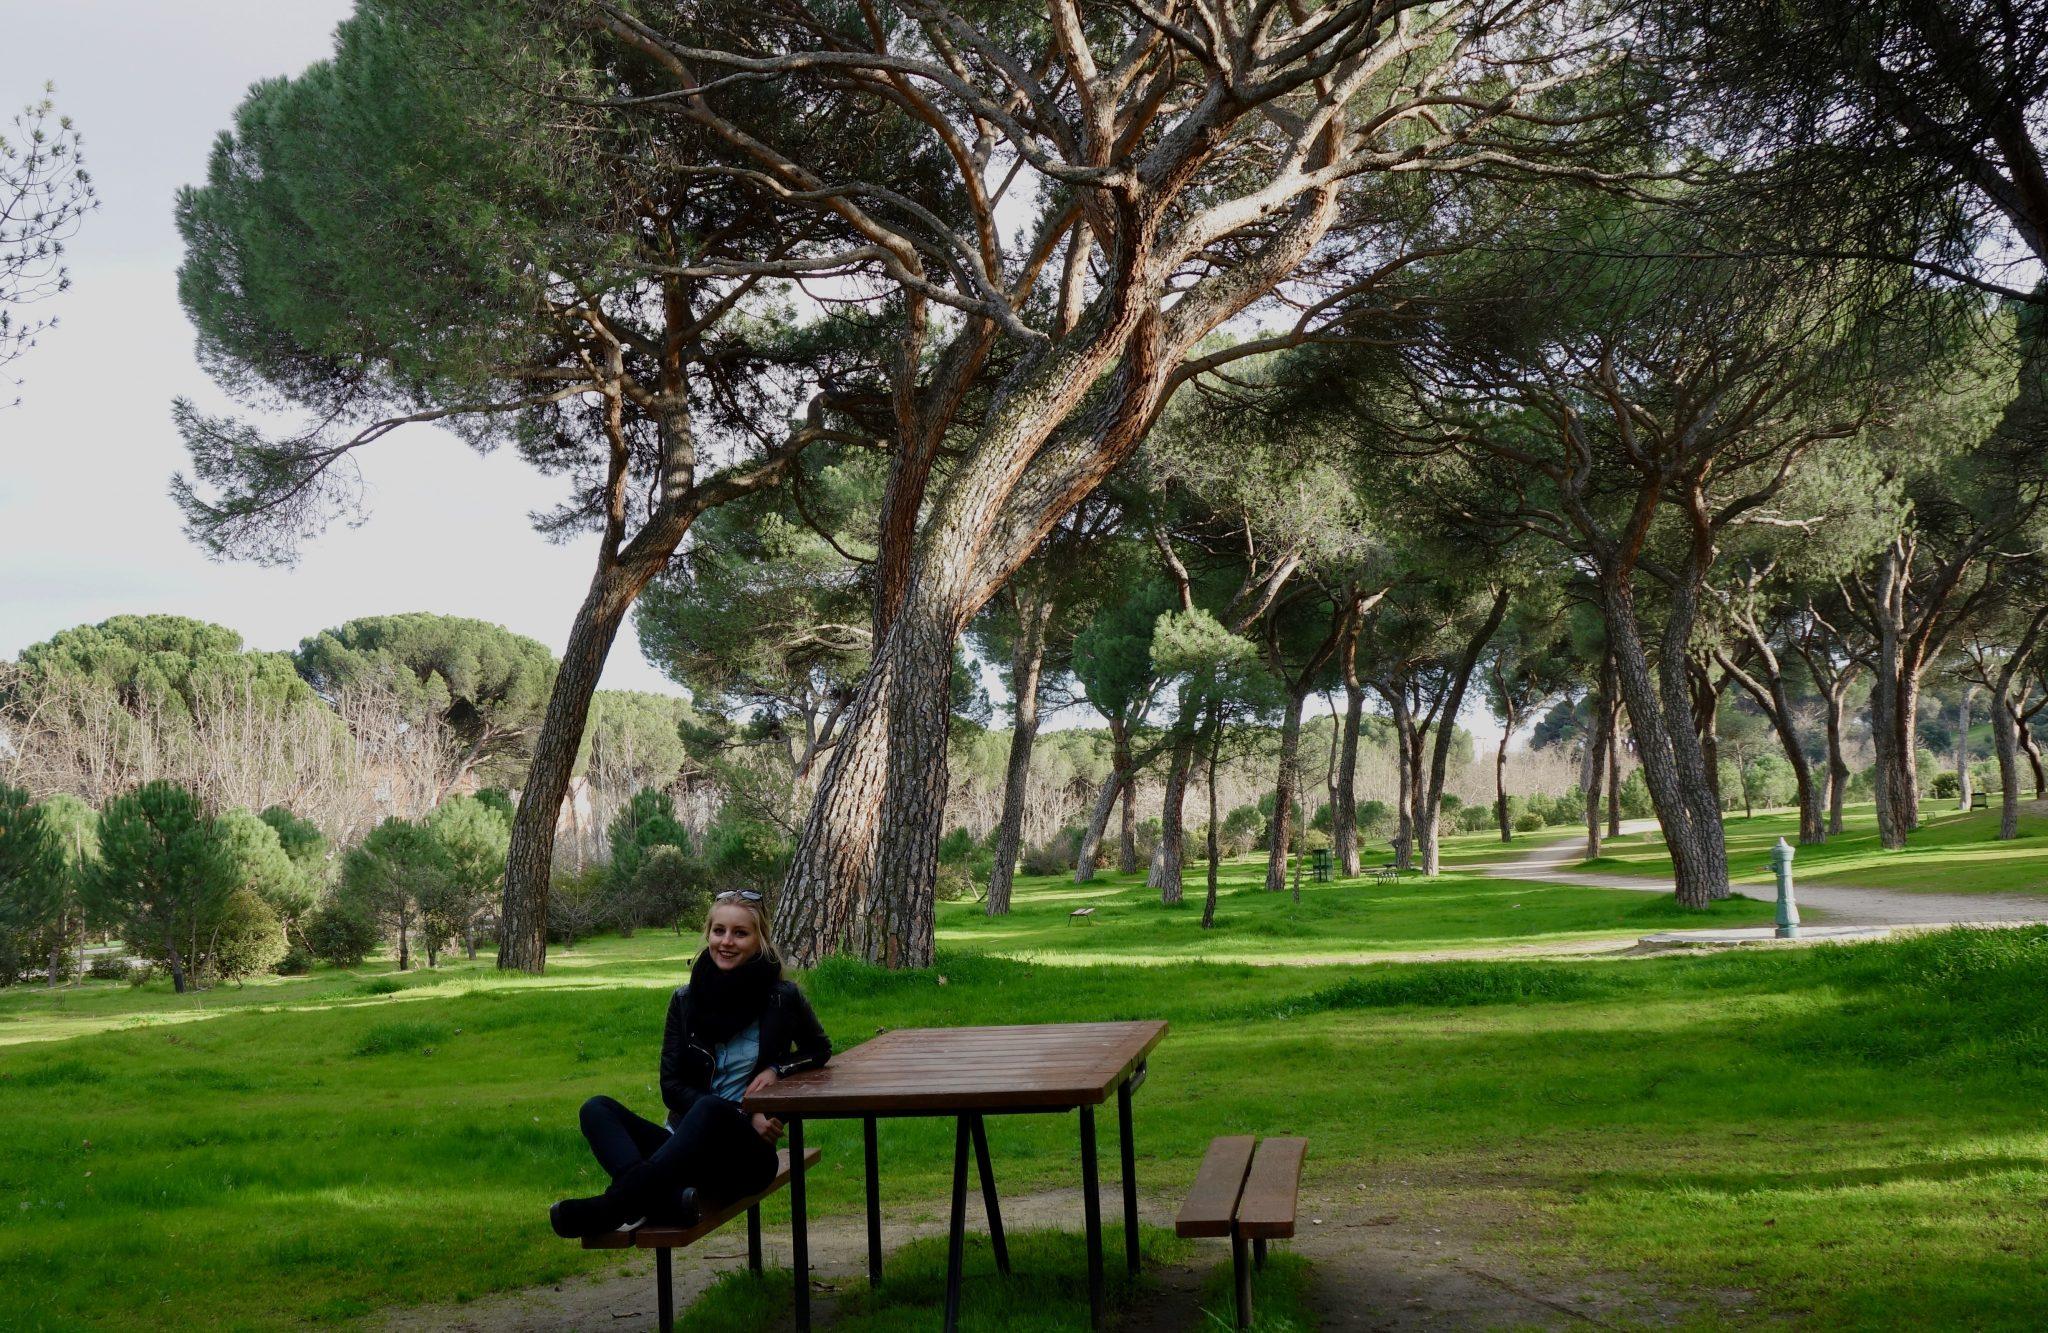 Pack dir genügend Nahrungsmittel mit ein und verbringe im Park Casa de Campo einen entspannten, naturreichen Tag.